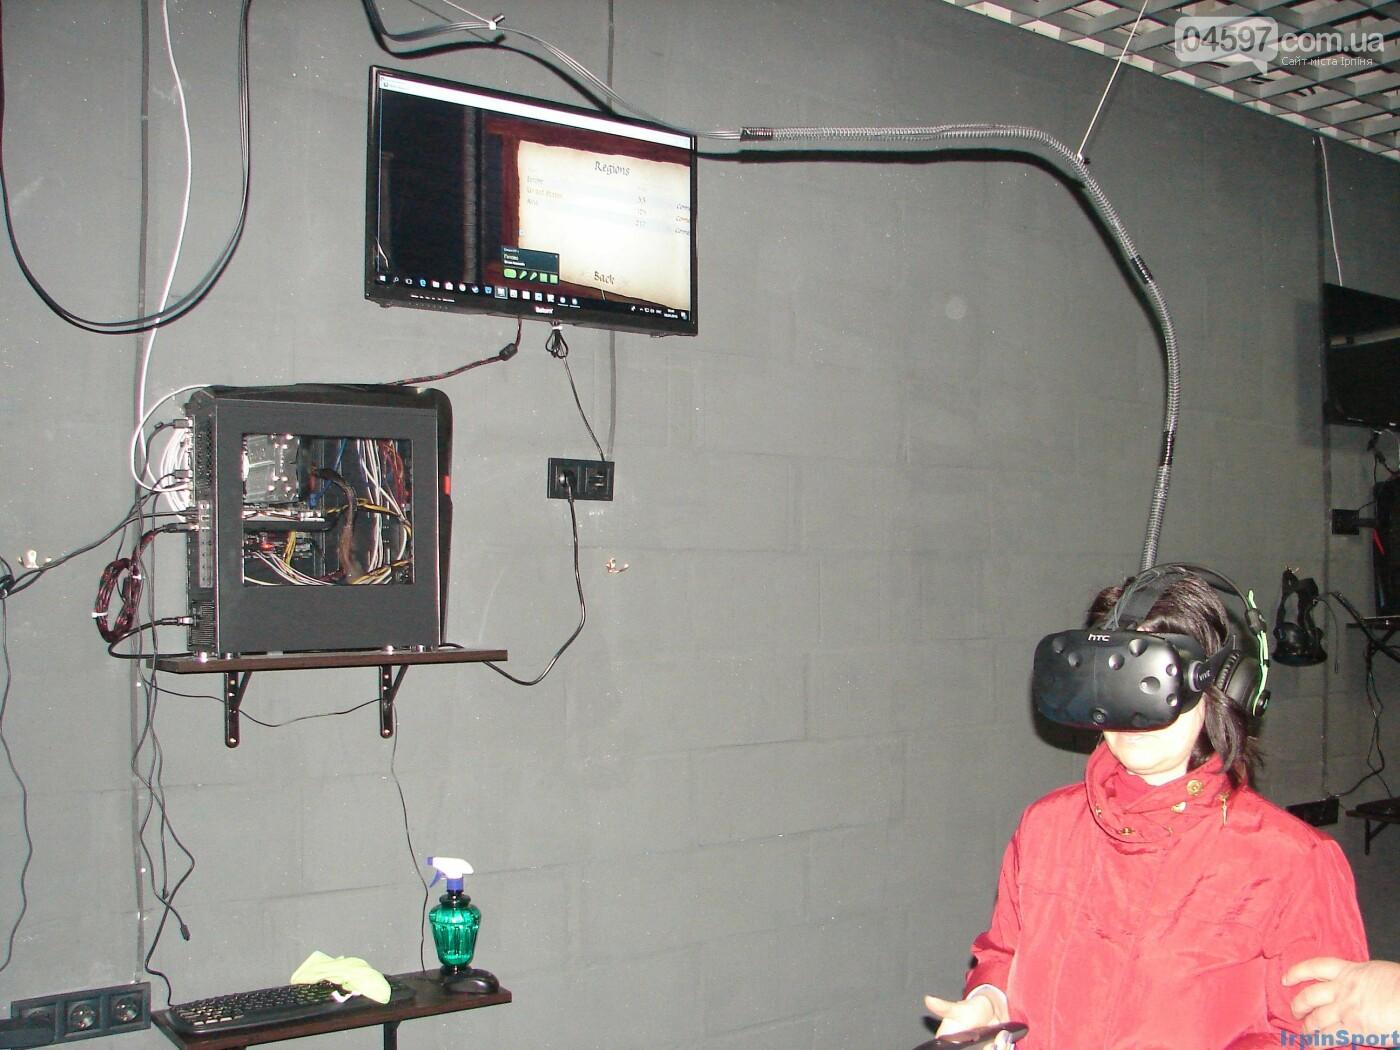 """Сьогодні річниця з дня відкриття в ТРЦ """"Жираф"""" клубу віртуальної реальності """"СUBE"""", фото-1"""